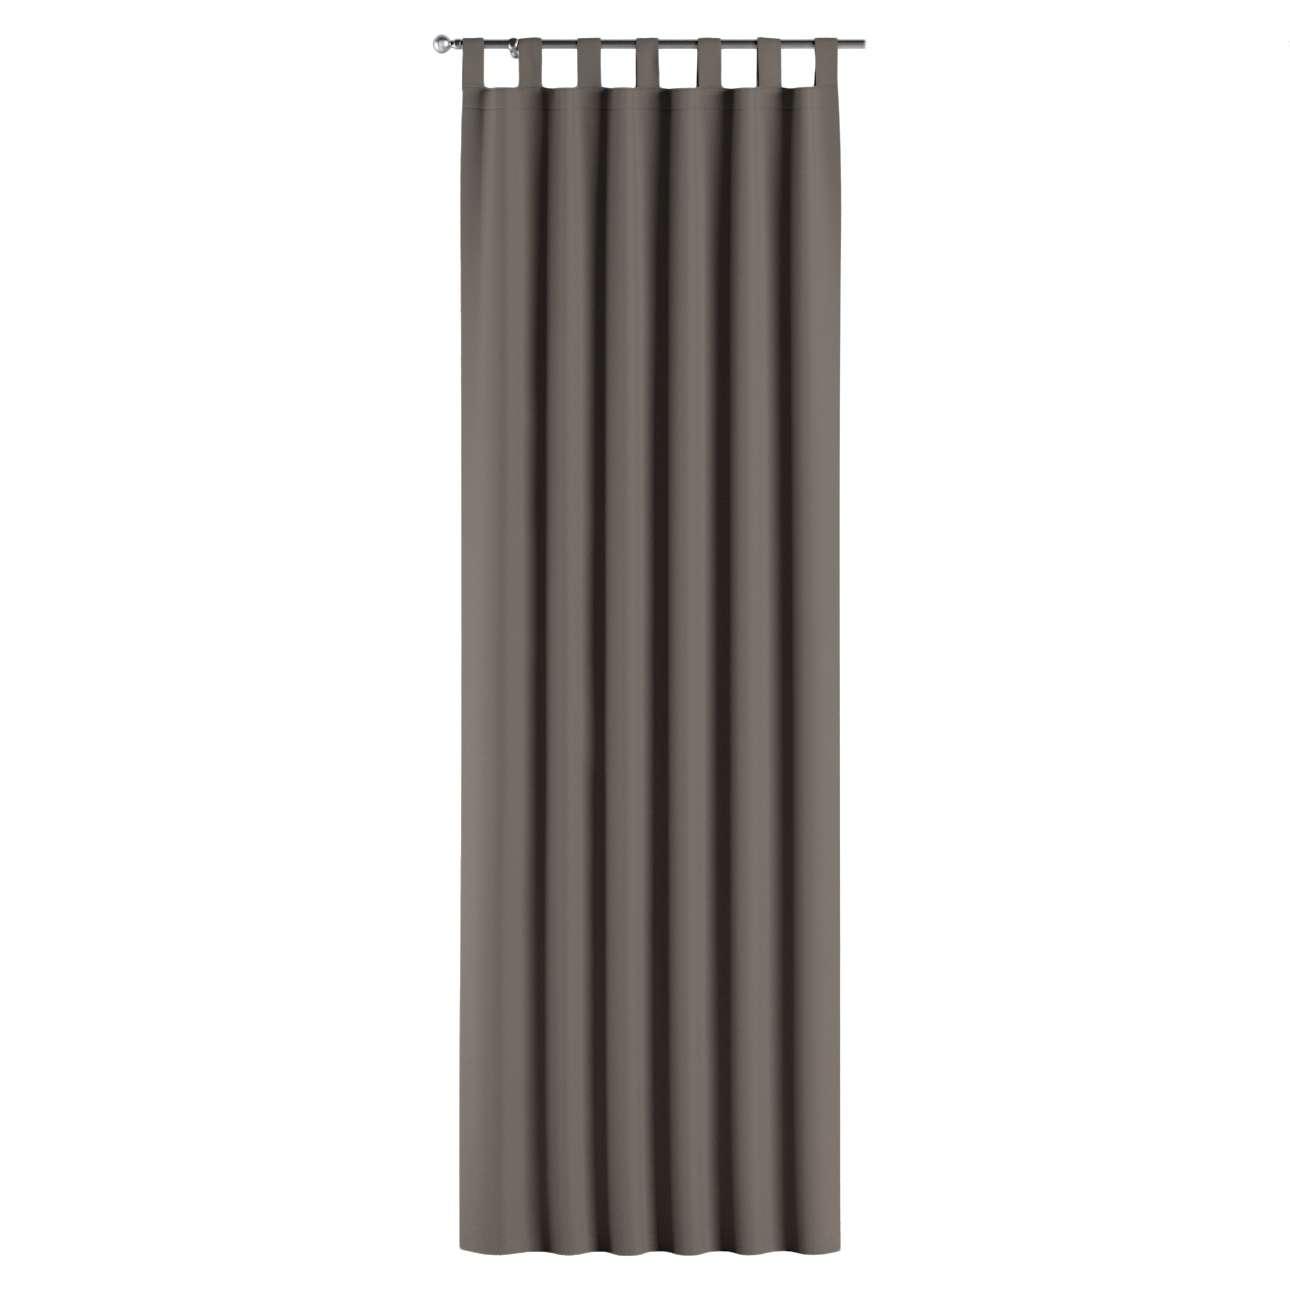 Kilpinio klostavimo užuolaidos (Blackout) 1vnt 140 × 260 cm kolekcijoje Blackout, audinys: 269-80